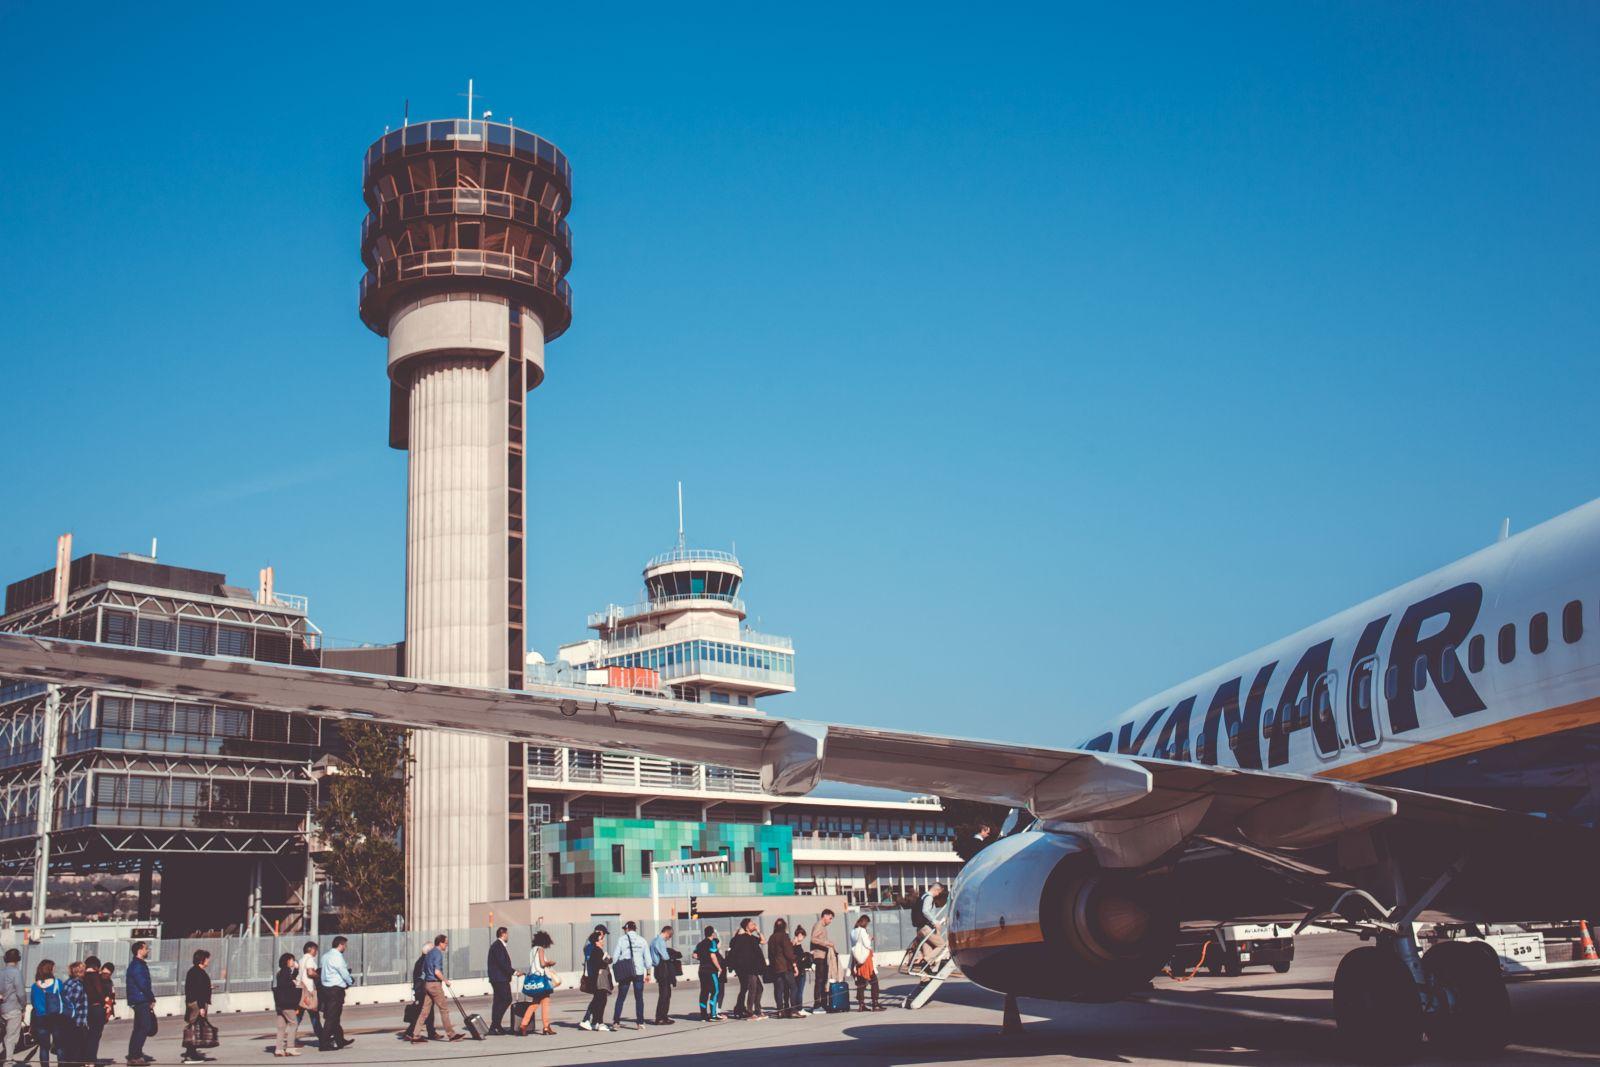 Der letzte Ryanair-Stützpunkt in Marseille wurde 2011 geschlossen. Eine Neueinrichtung scheiterte an der Anerkennung von Gewerkschaften. Nun beugte man sich, was den Weg für einen Neuanfang ebnet. Geplant sind vier neue Ryanair-Stützpunkte in Frankreich.